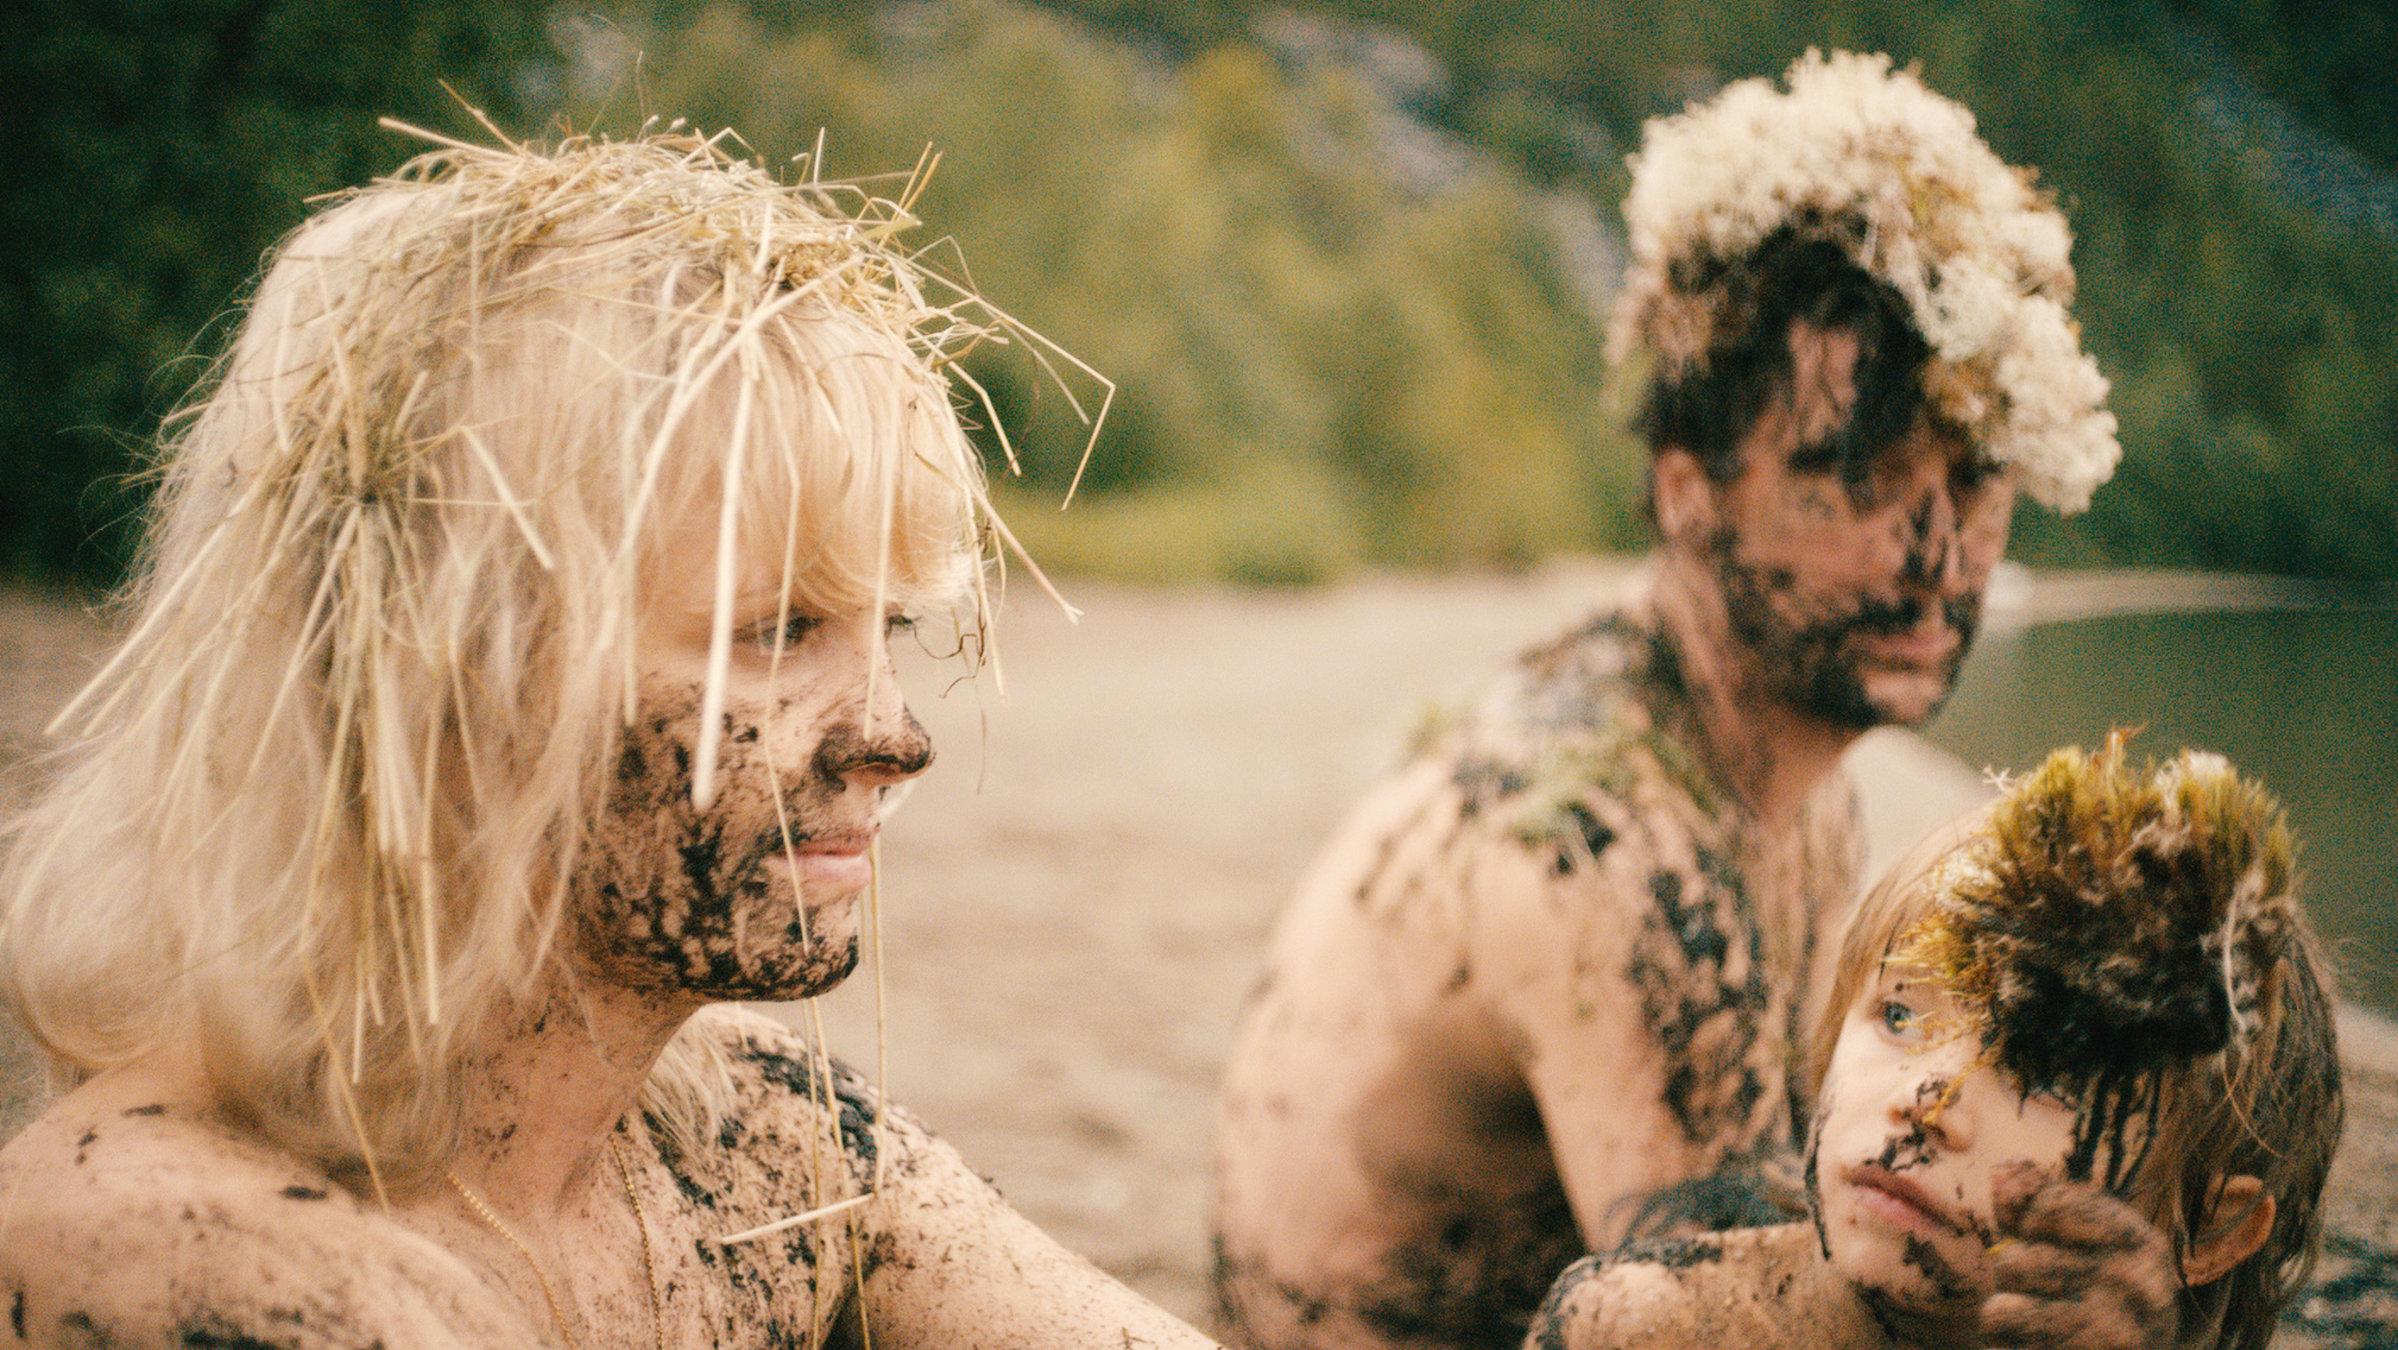 Filme   Das kleine Fernsehspiel - Hedi Schneider steckt fest